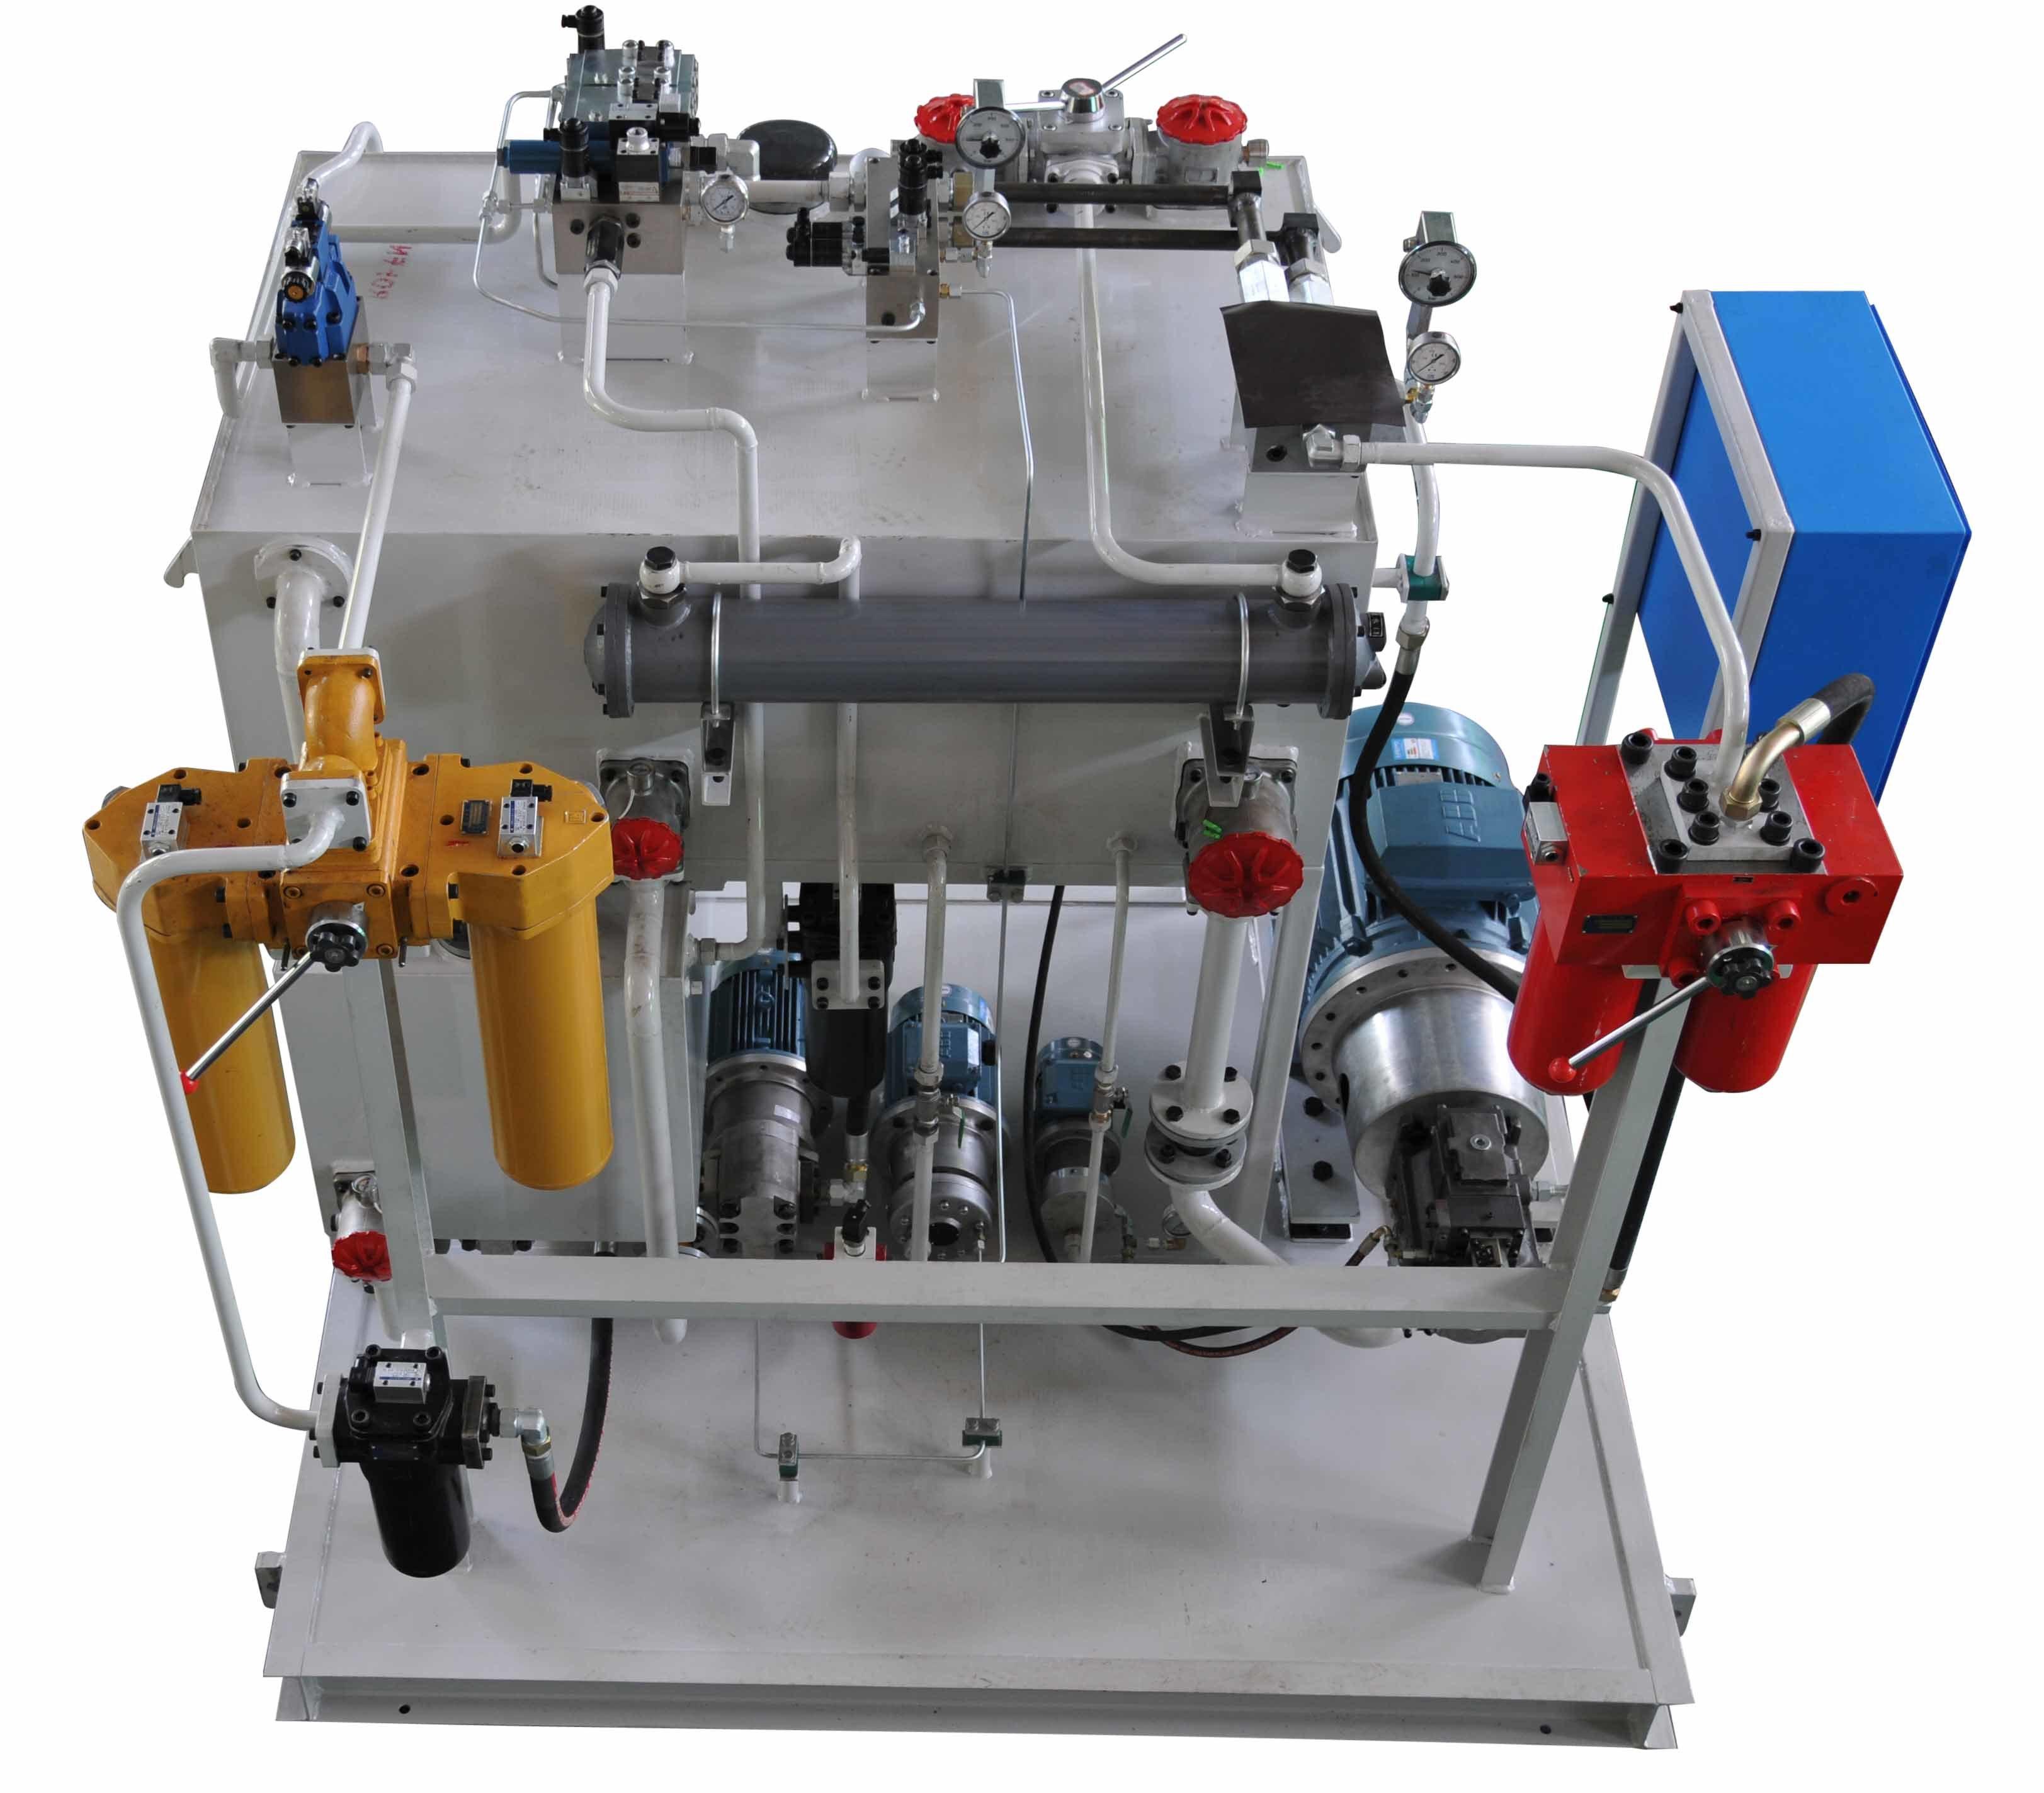 Hydraulic Press for Hydraulic Equipment